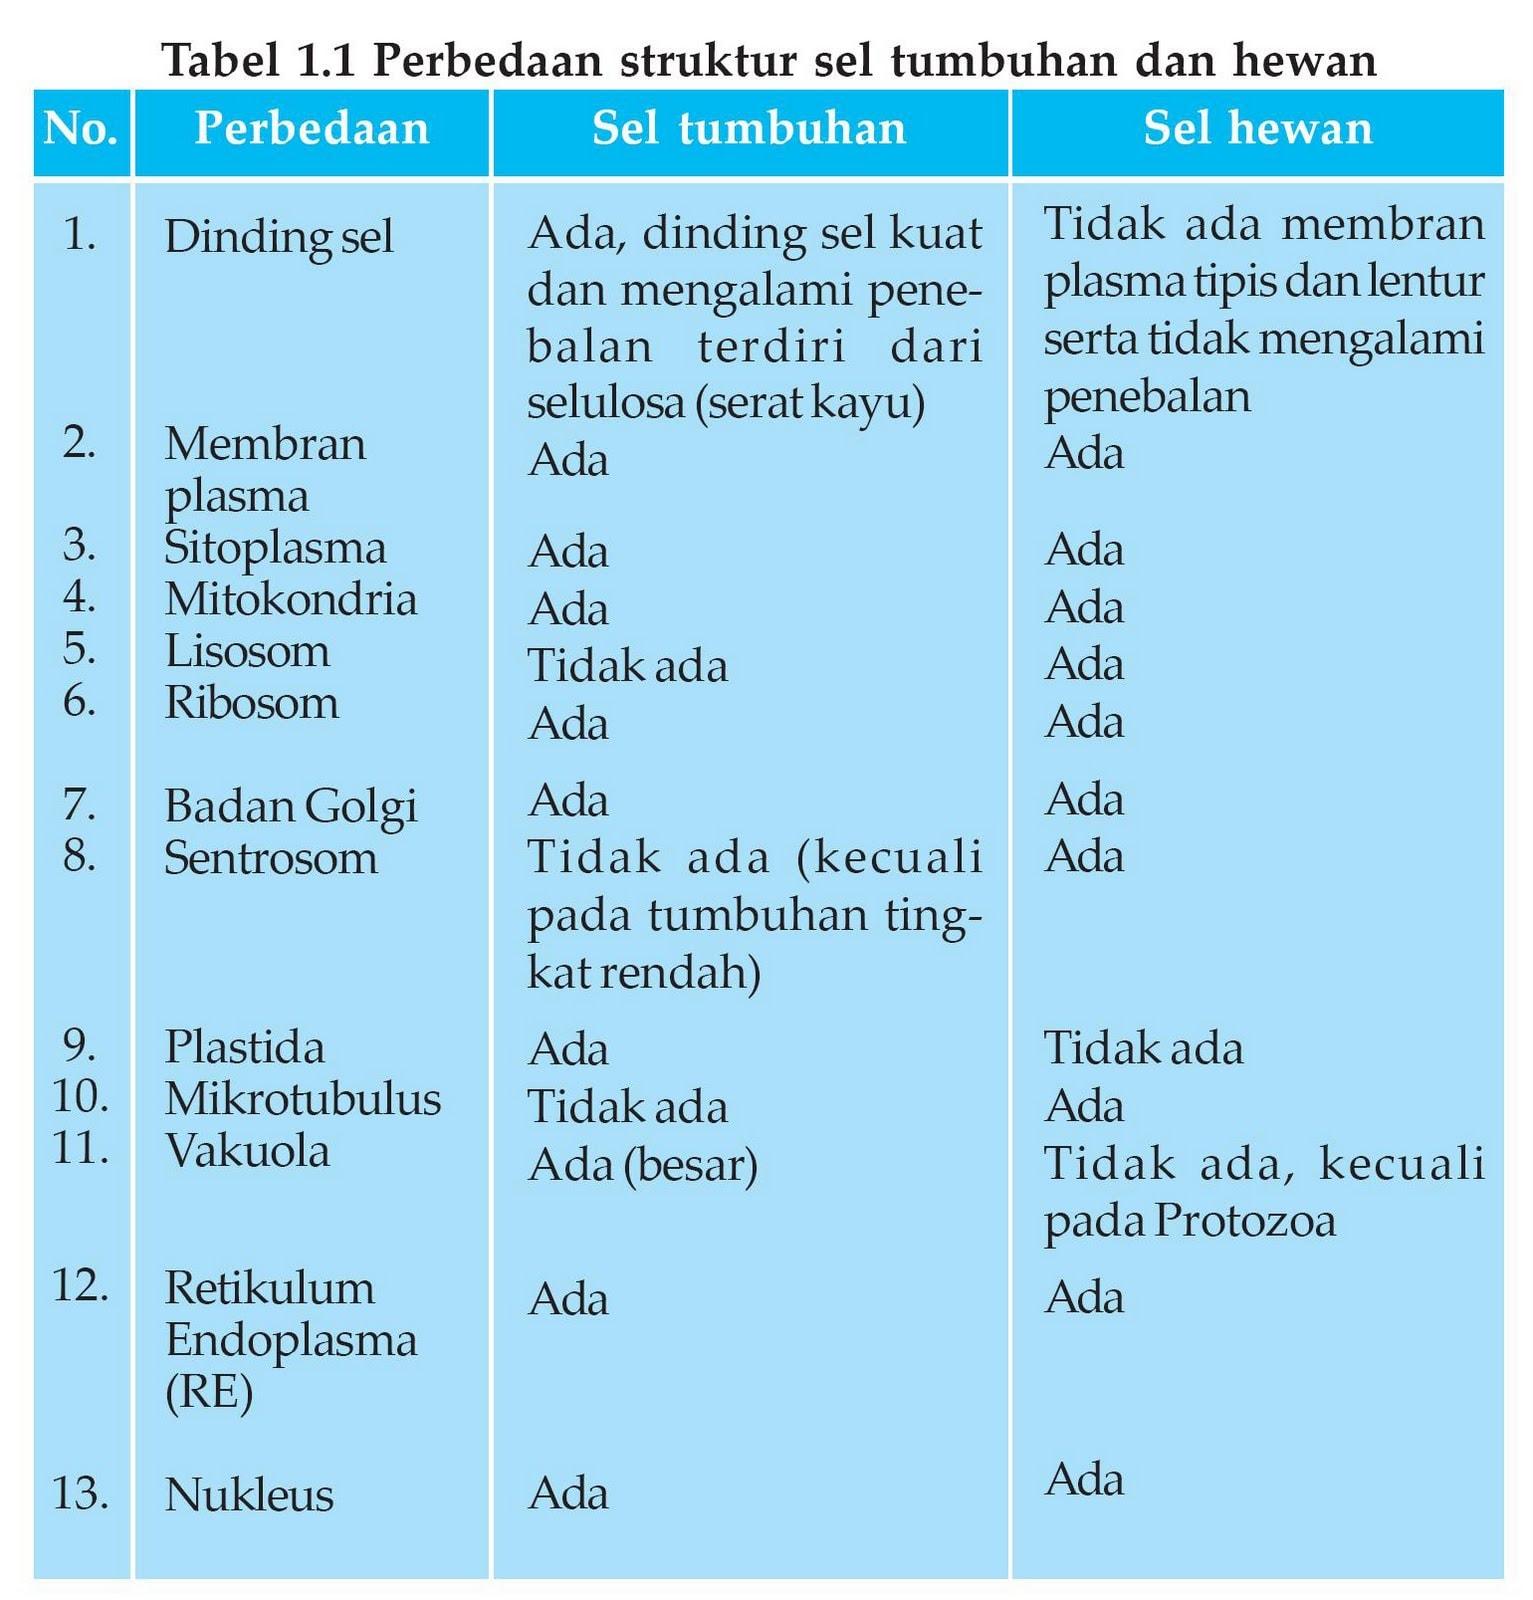 tabel perbedaan sel hewan tumbuhan